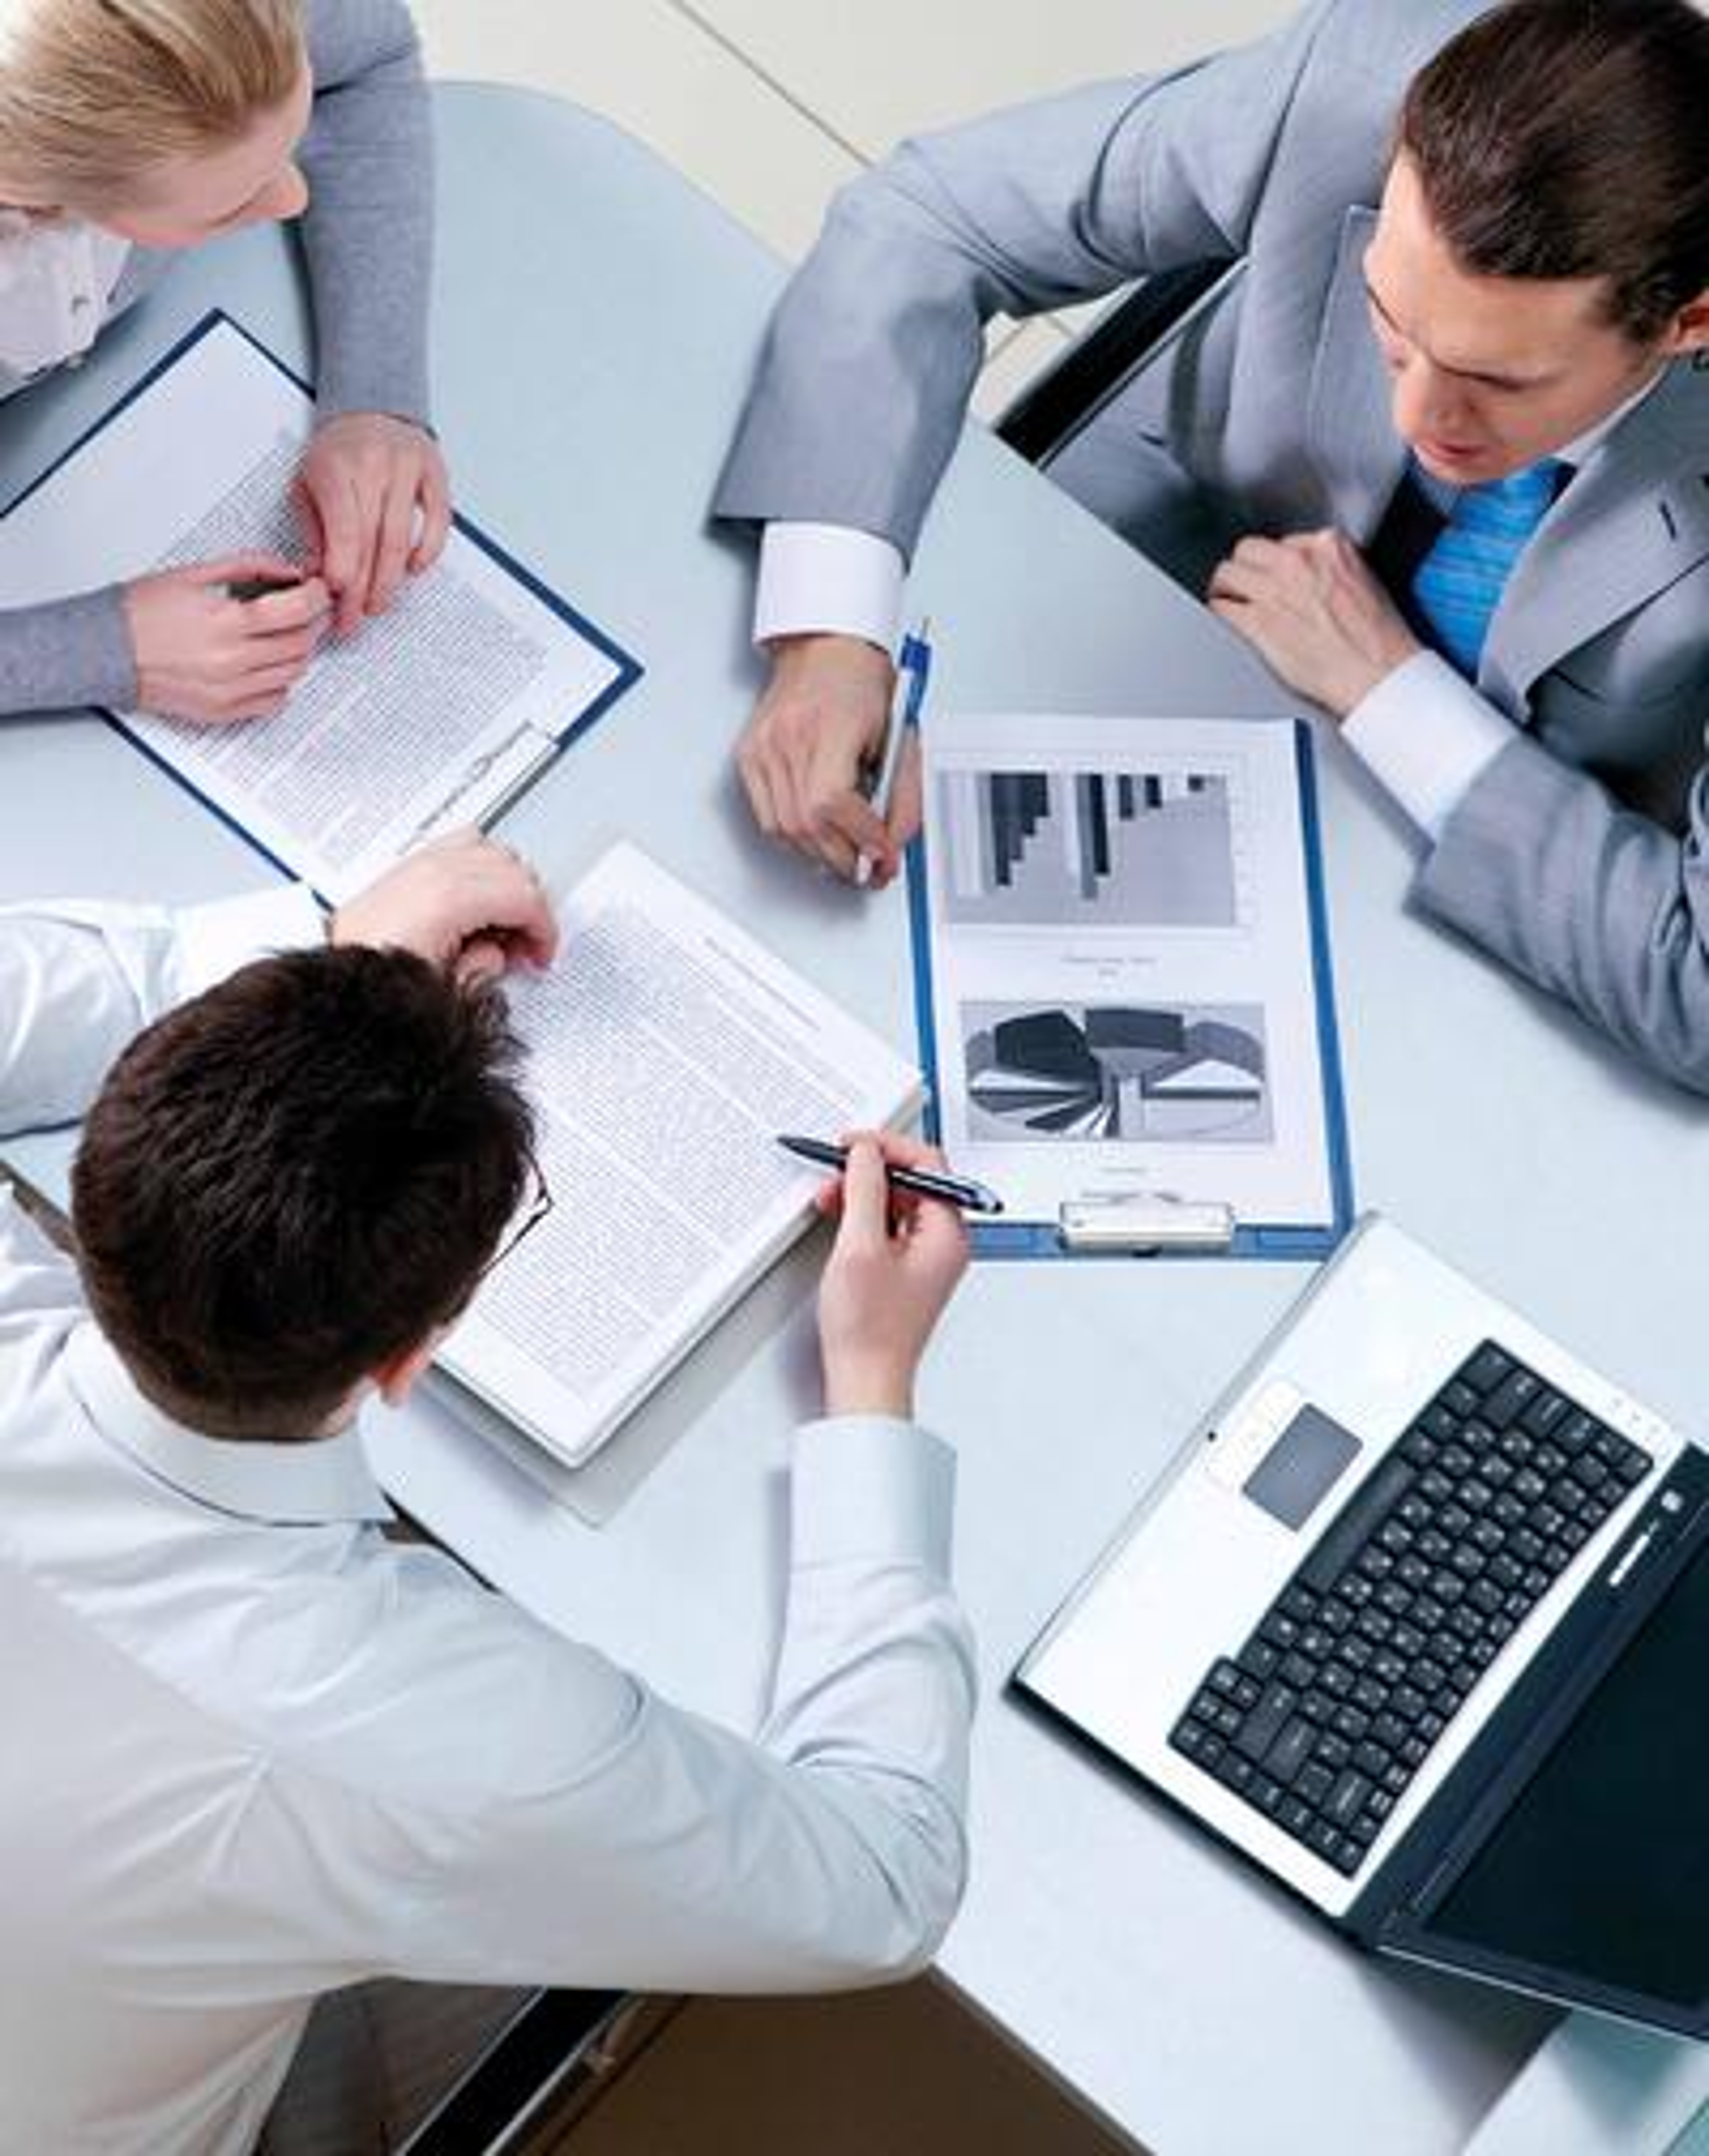 Contabilidad_de_gestion_y_las_mejoras_prácticas_aportadas_a_la_empresa